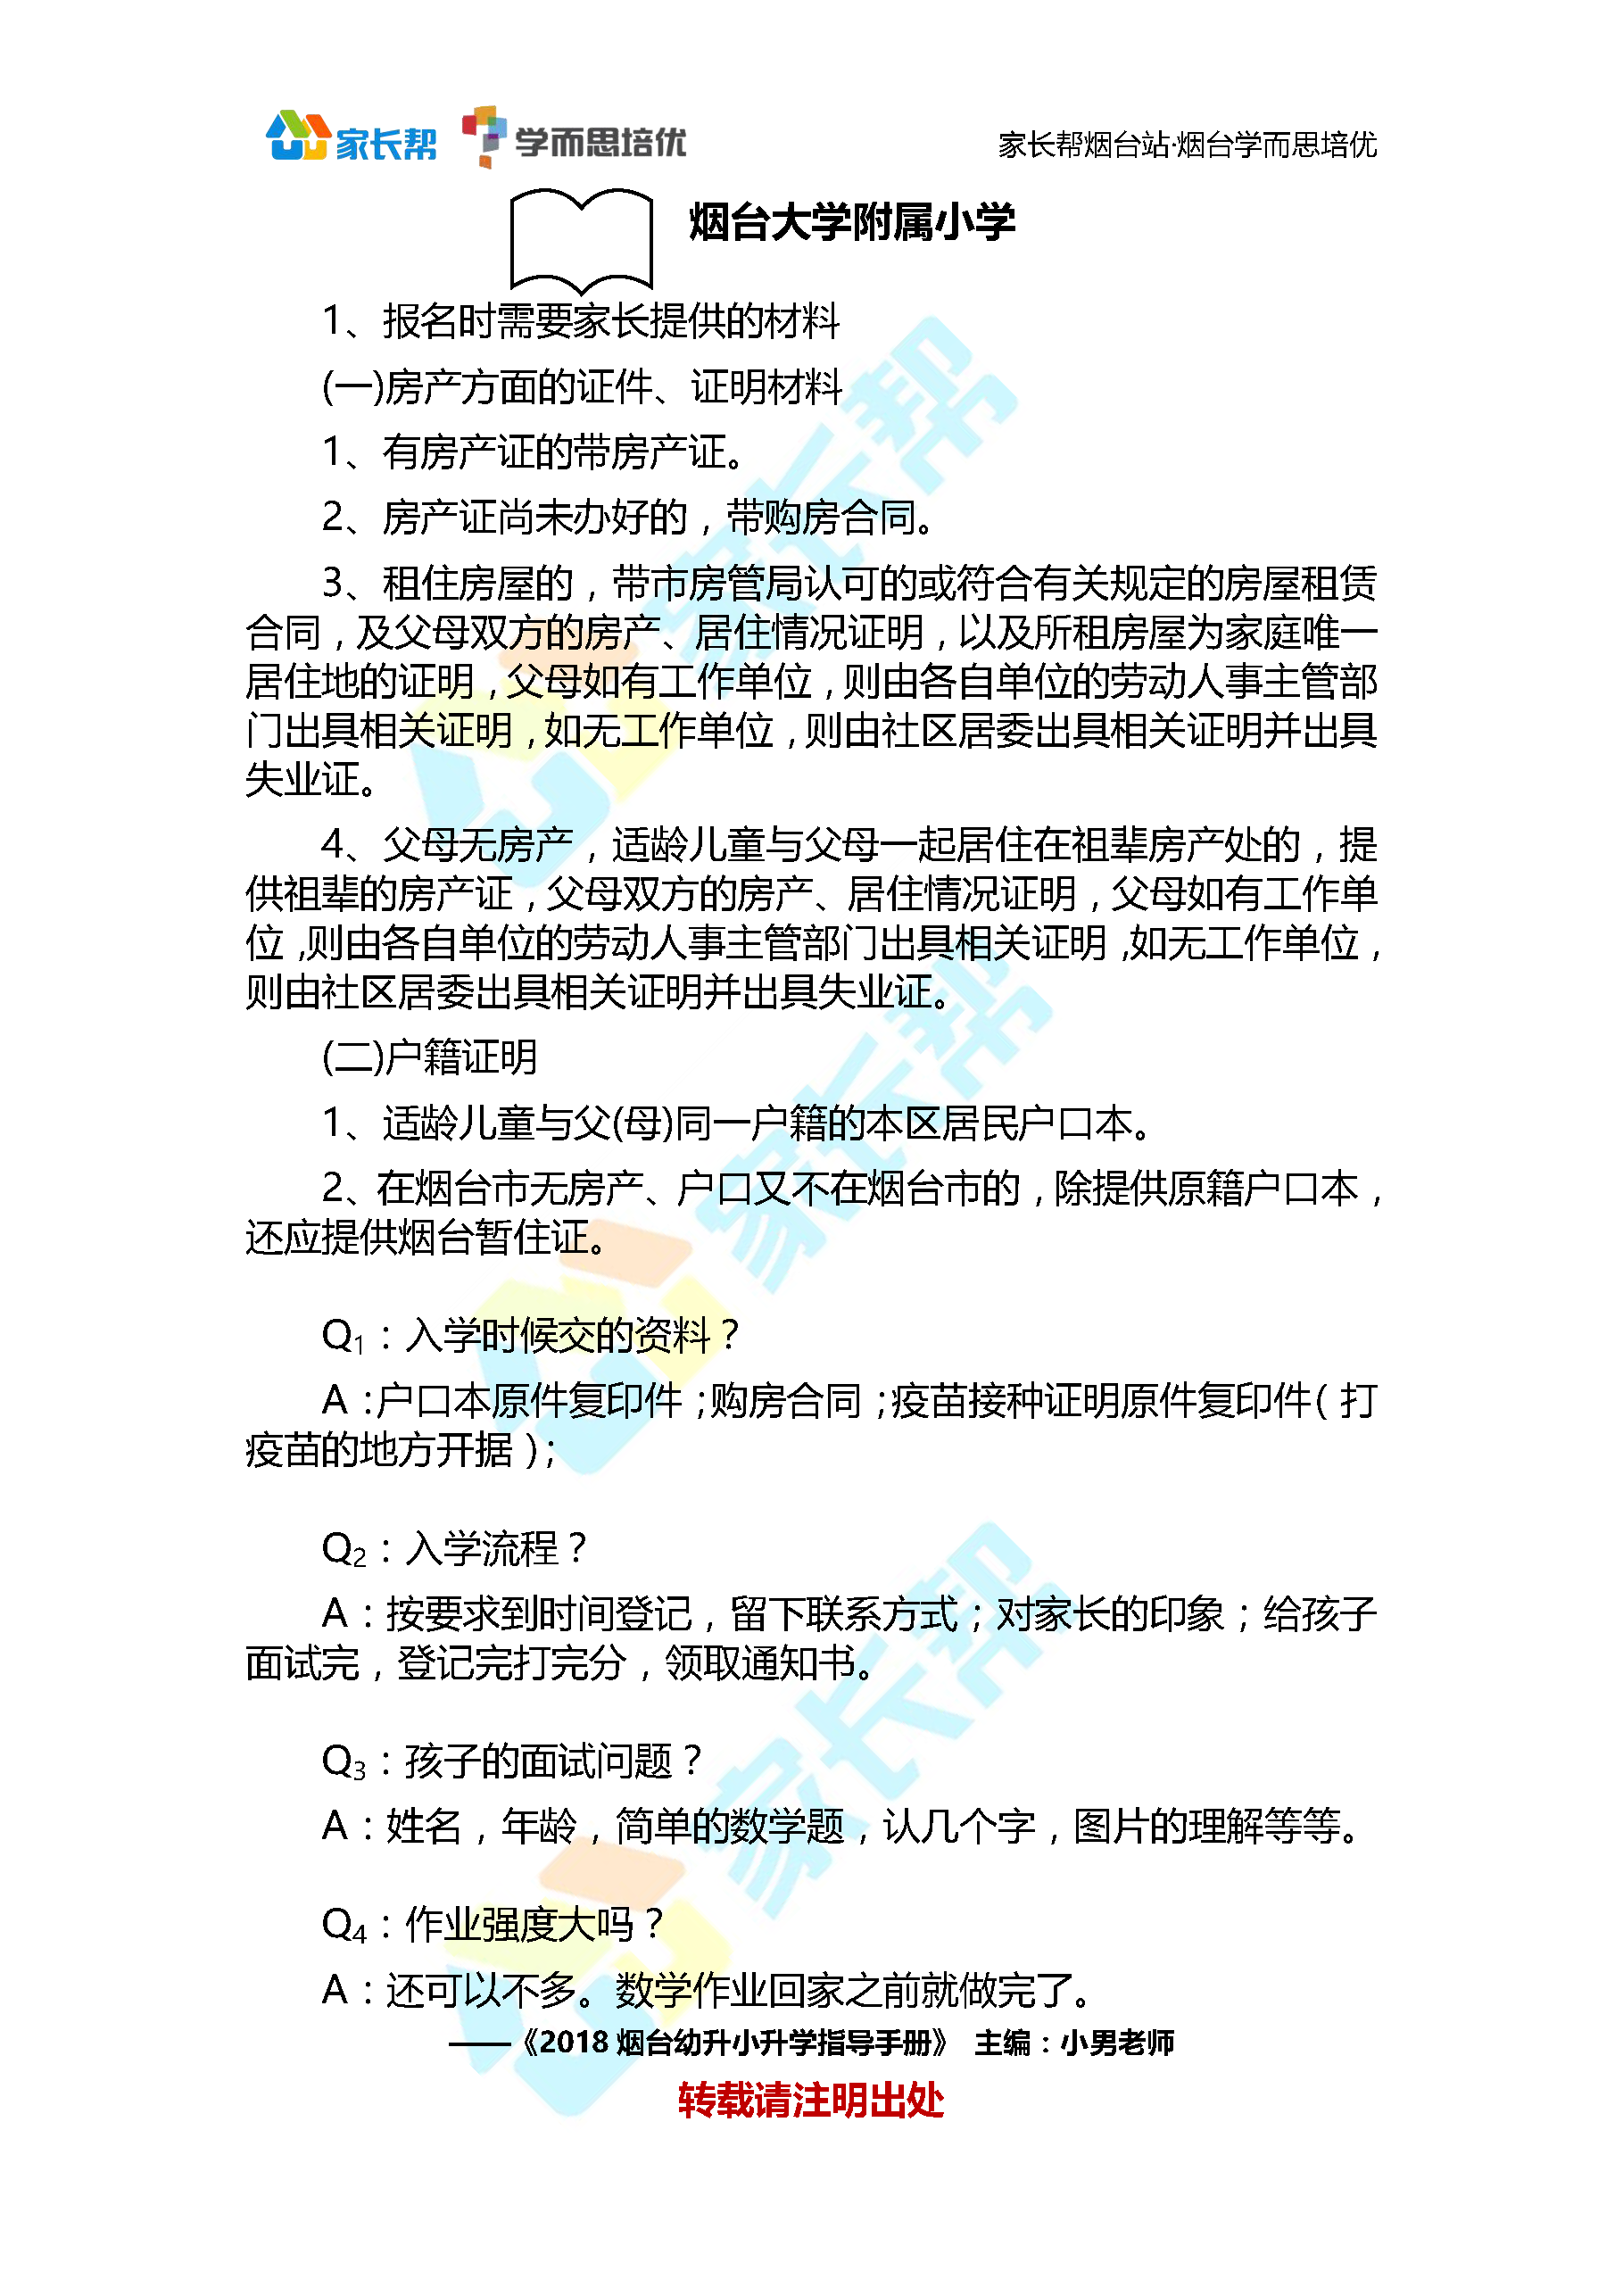 烟台市烟台大学参考小学信息论文附属诚信小学生学校图片